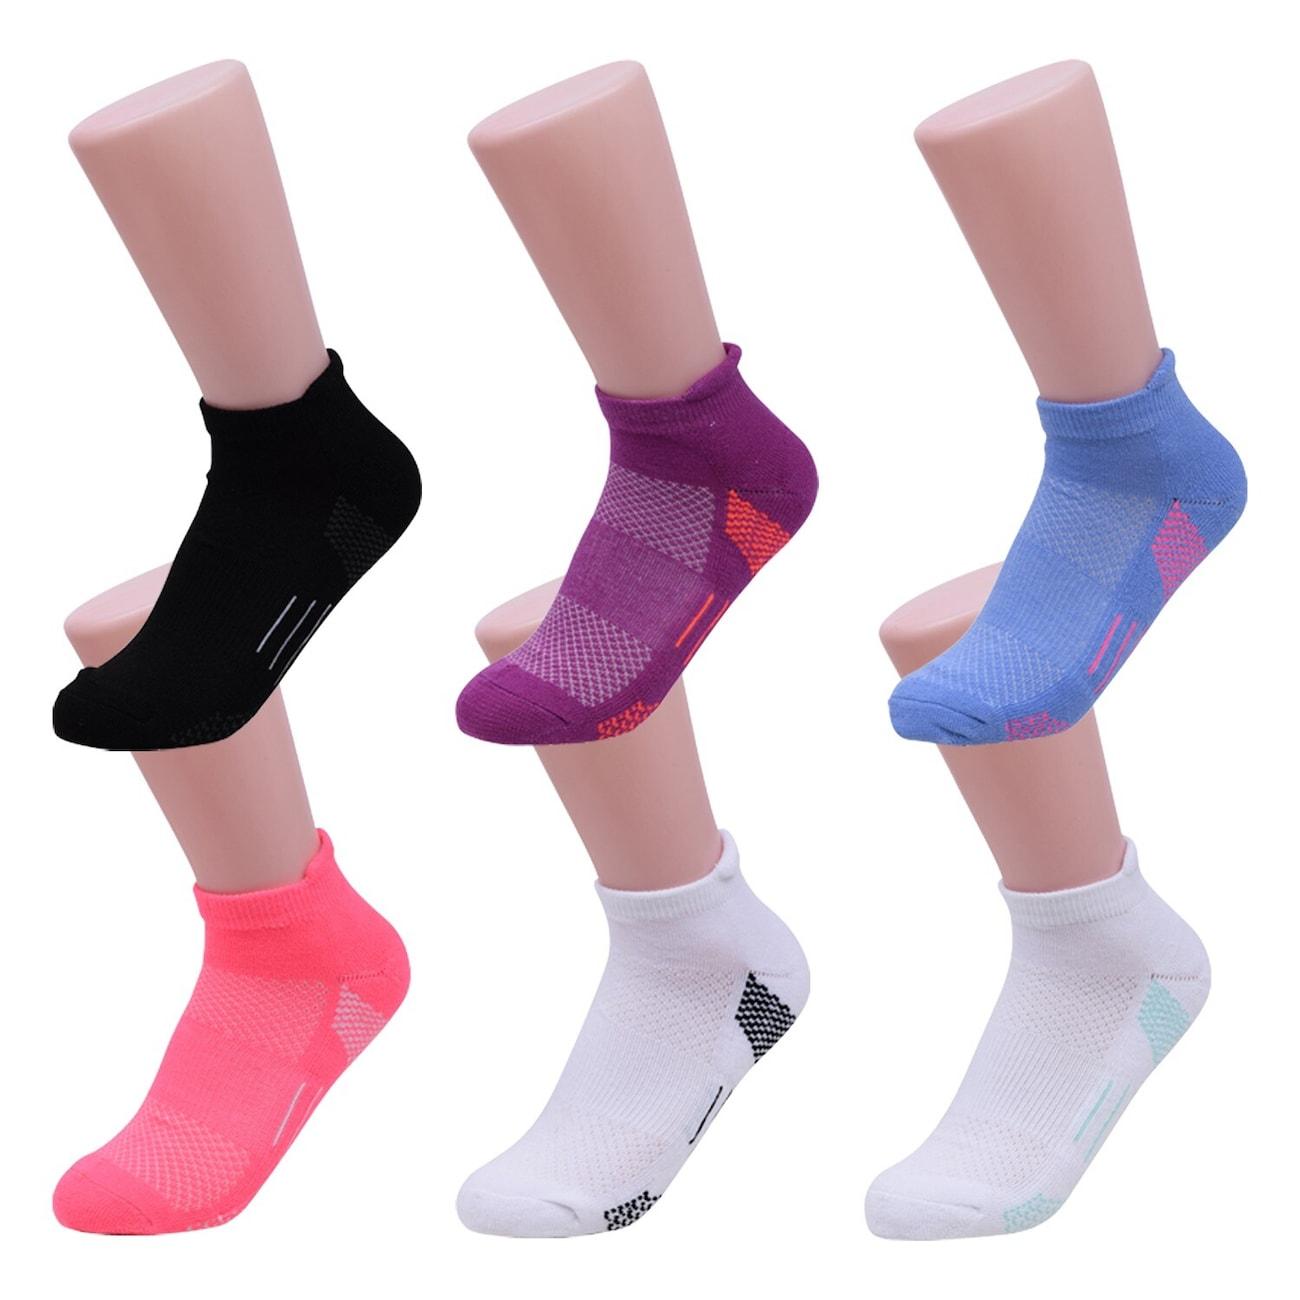 720ba4256d5 Women s Size 5-9 Low-Cut Performance Socks